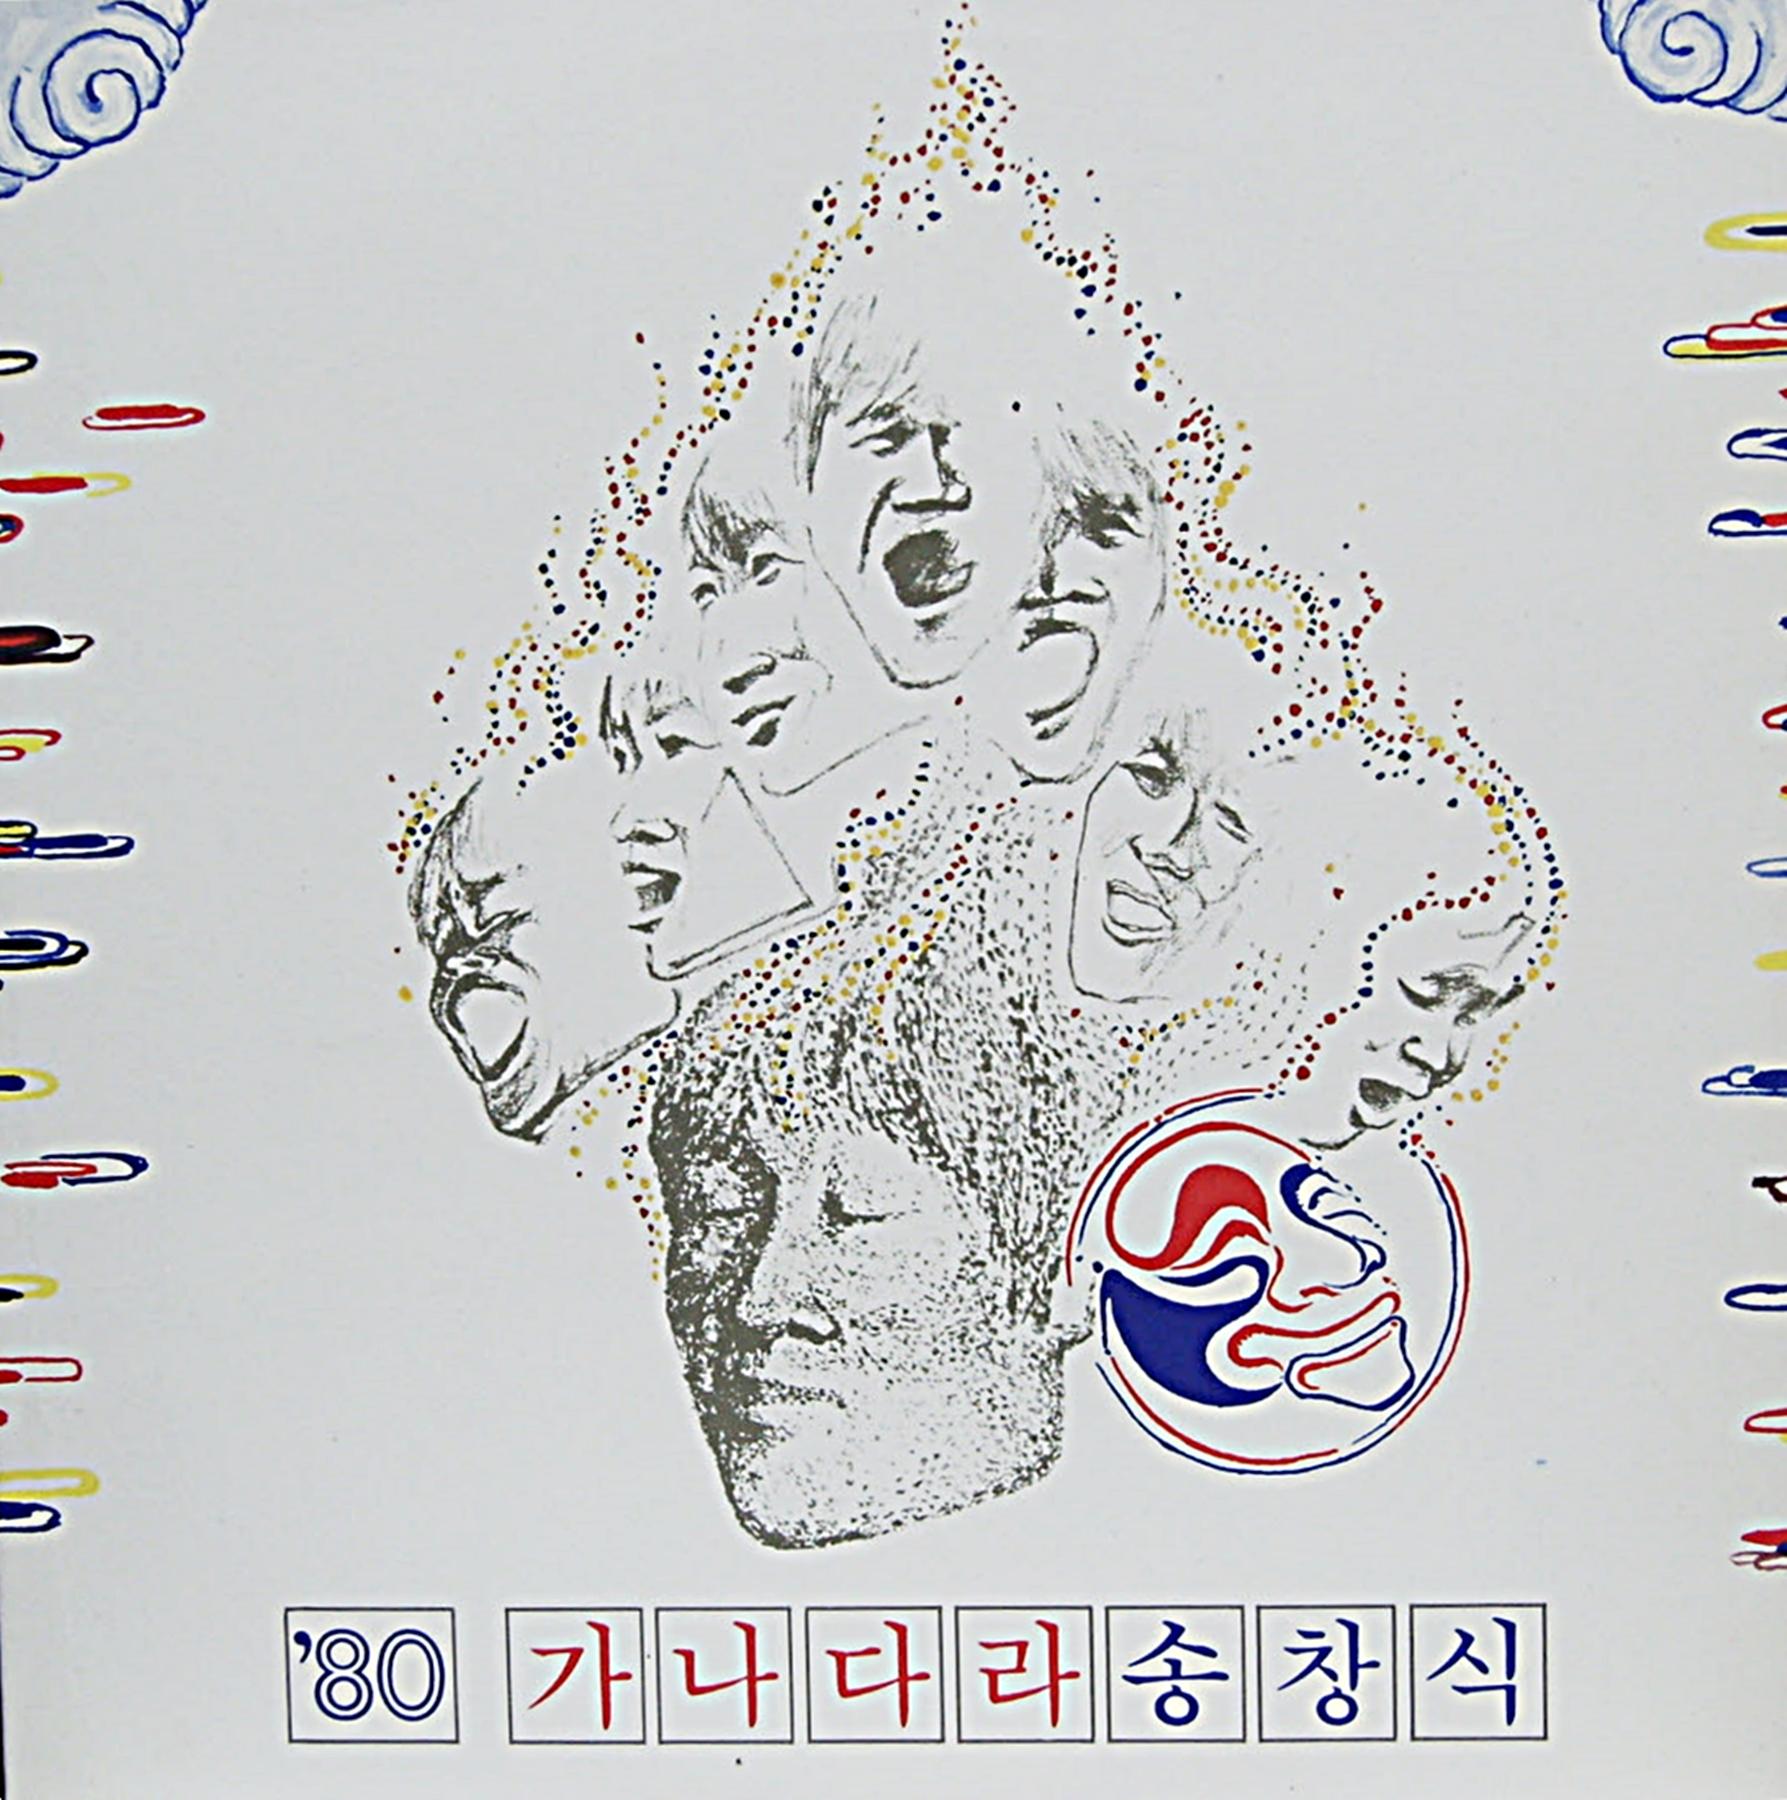 송창식 - 가나다라